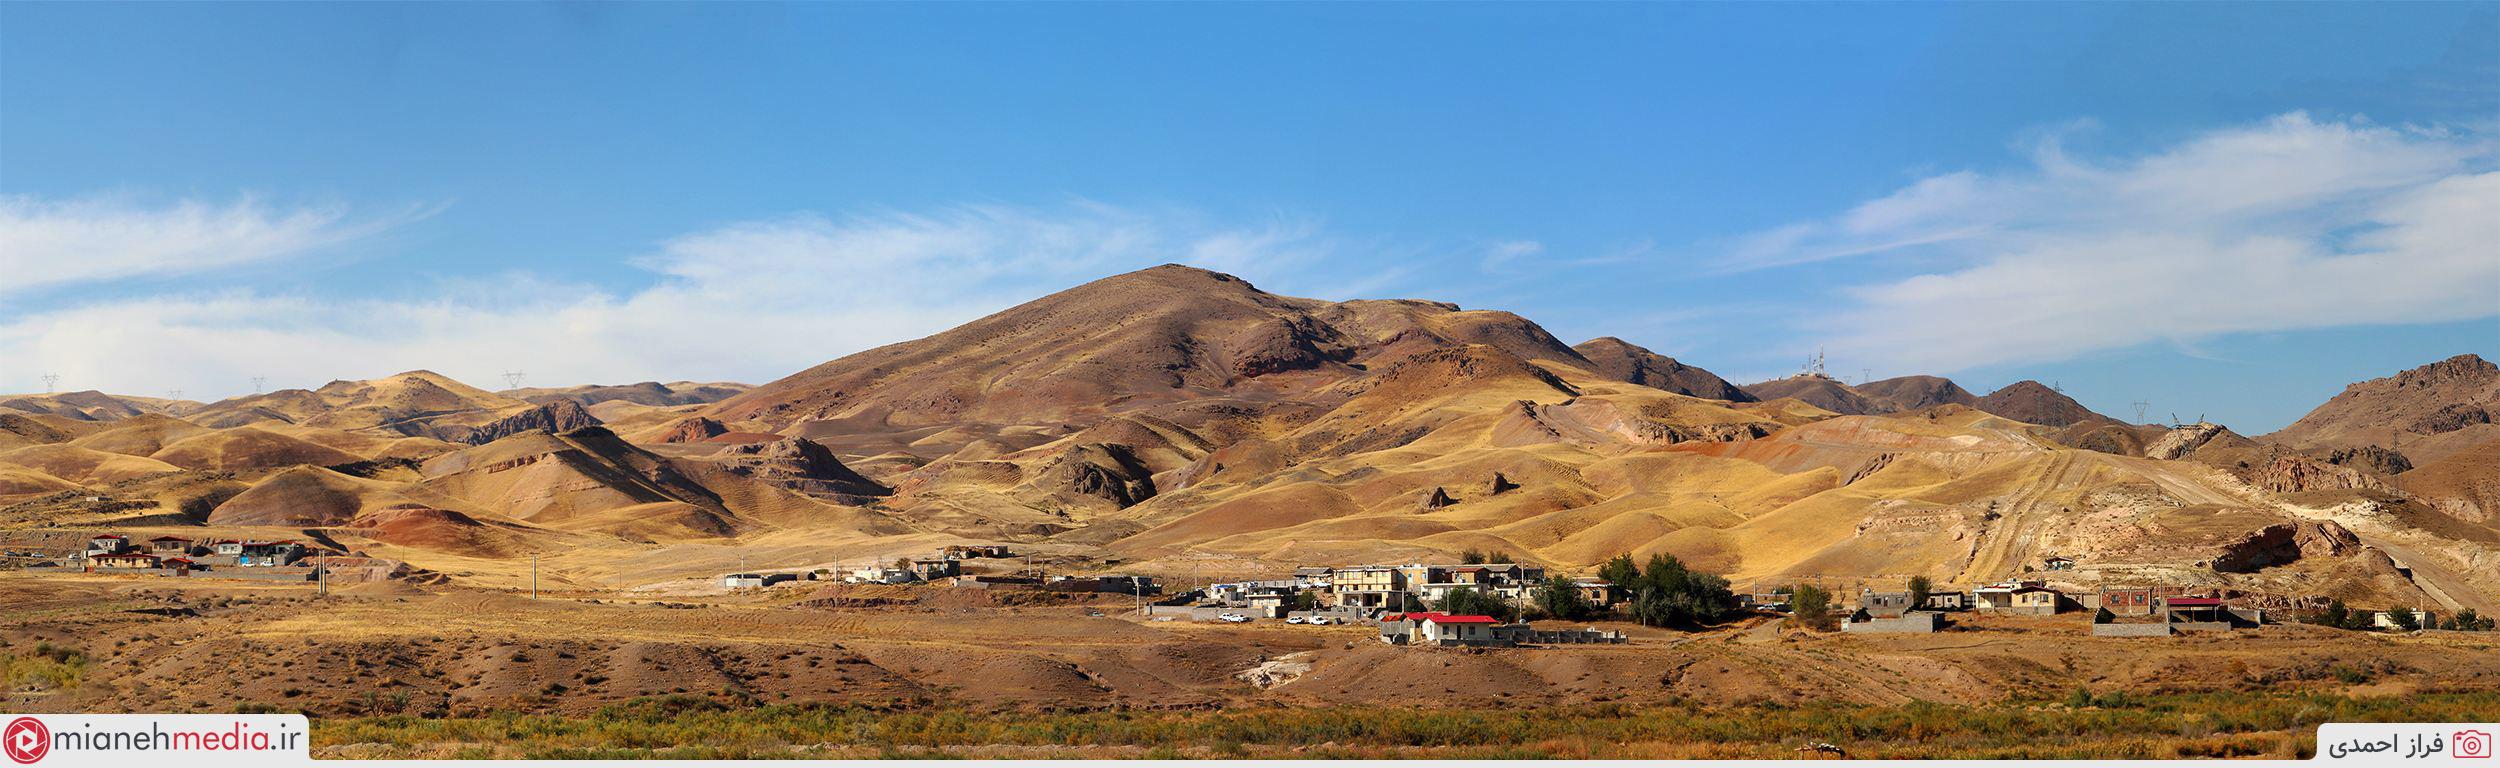 روستای آغجه قشلاق (آغجا قیشلاق)